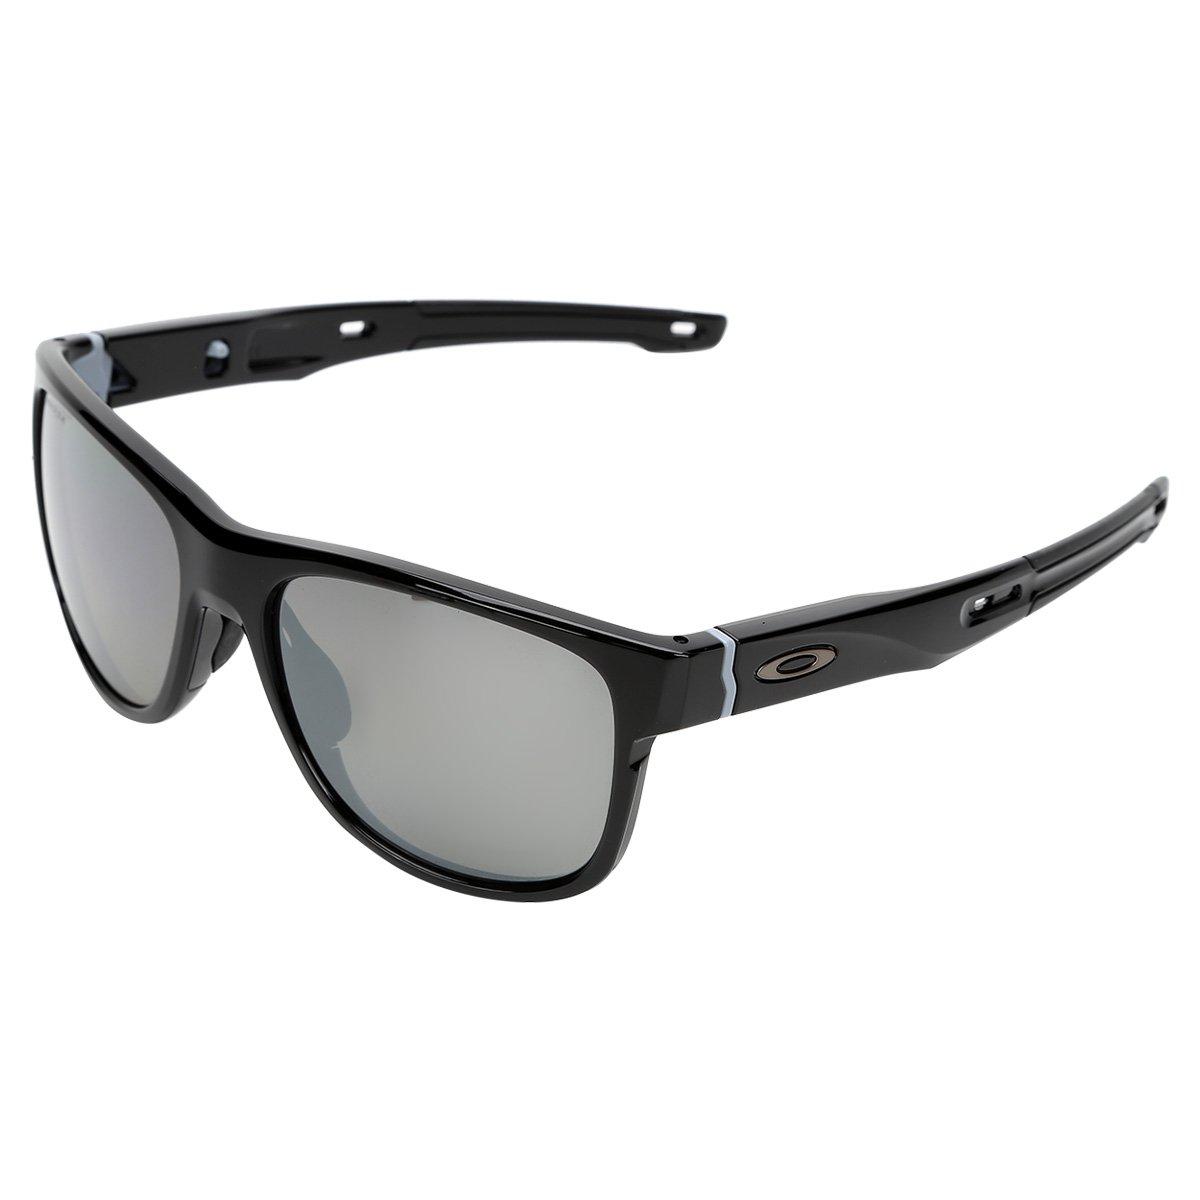 f3698eae2eb4f Óculos de Sol de Sol Oakley Crossrange R Masculino - Preto - Compre ...